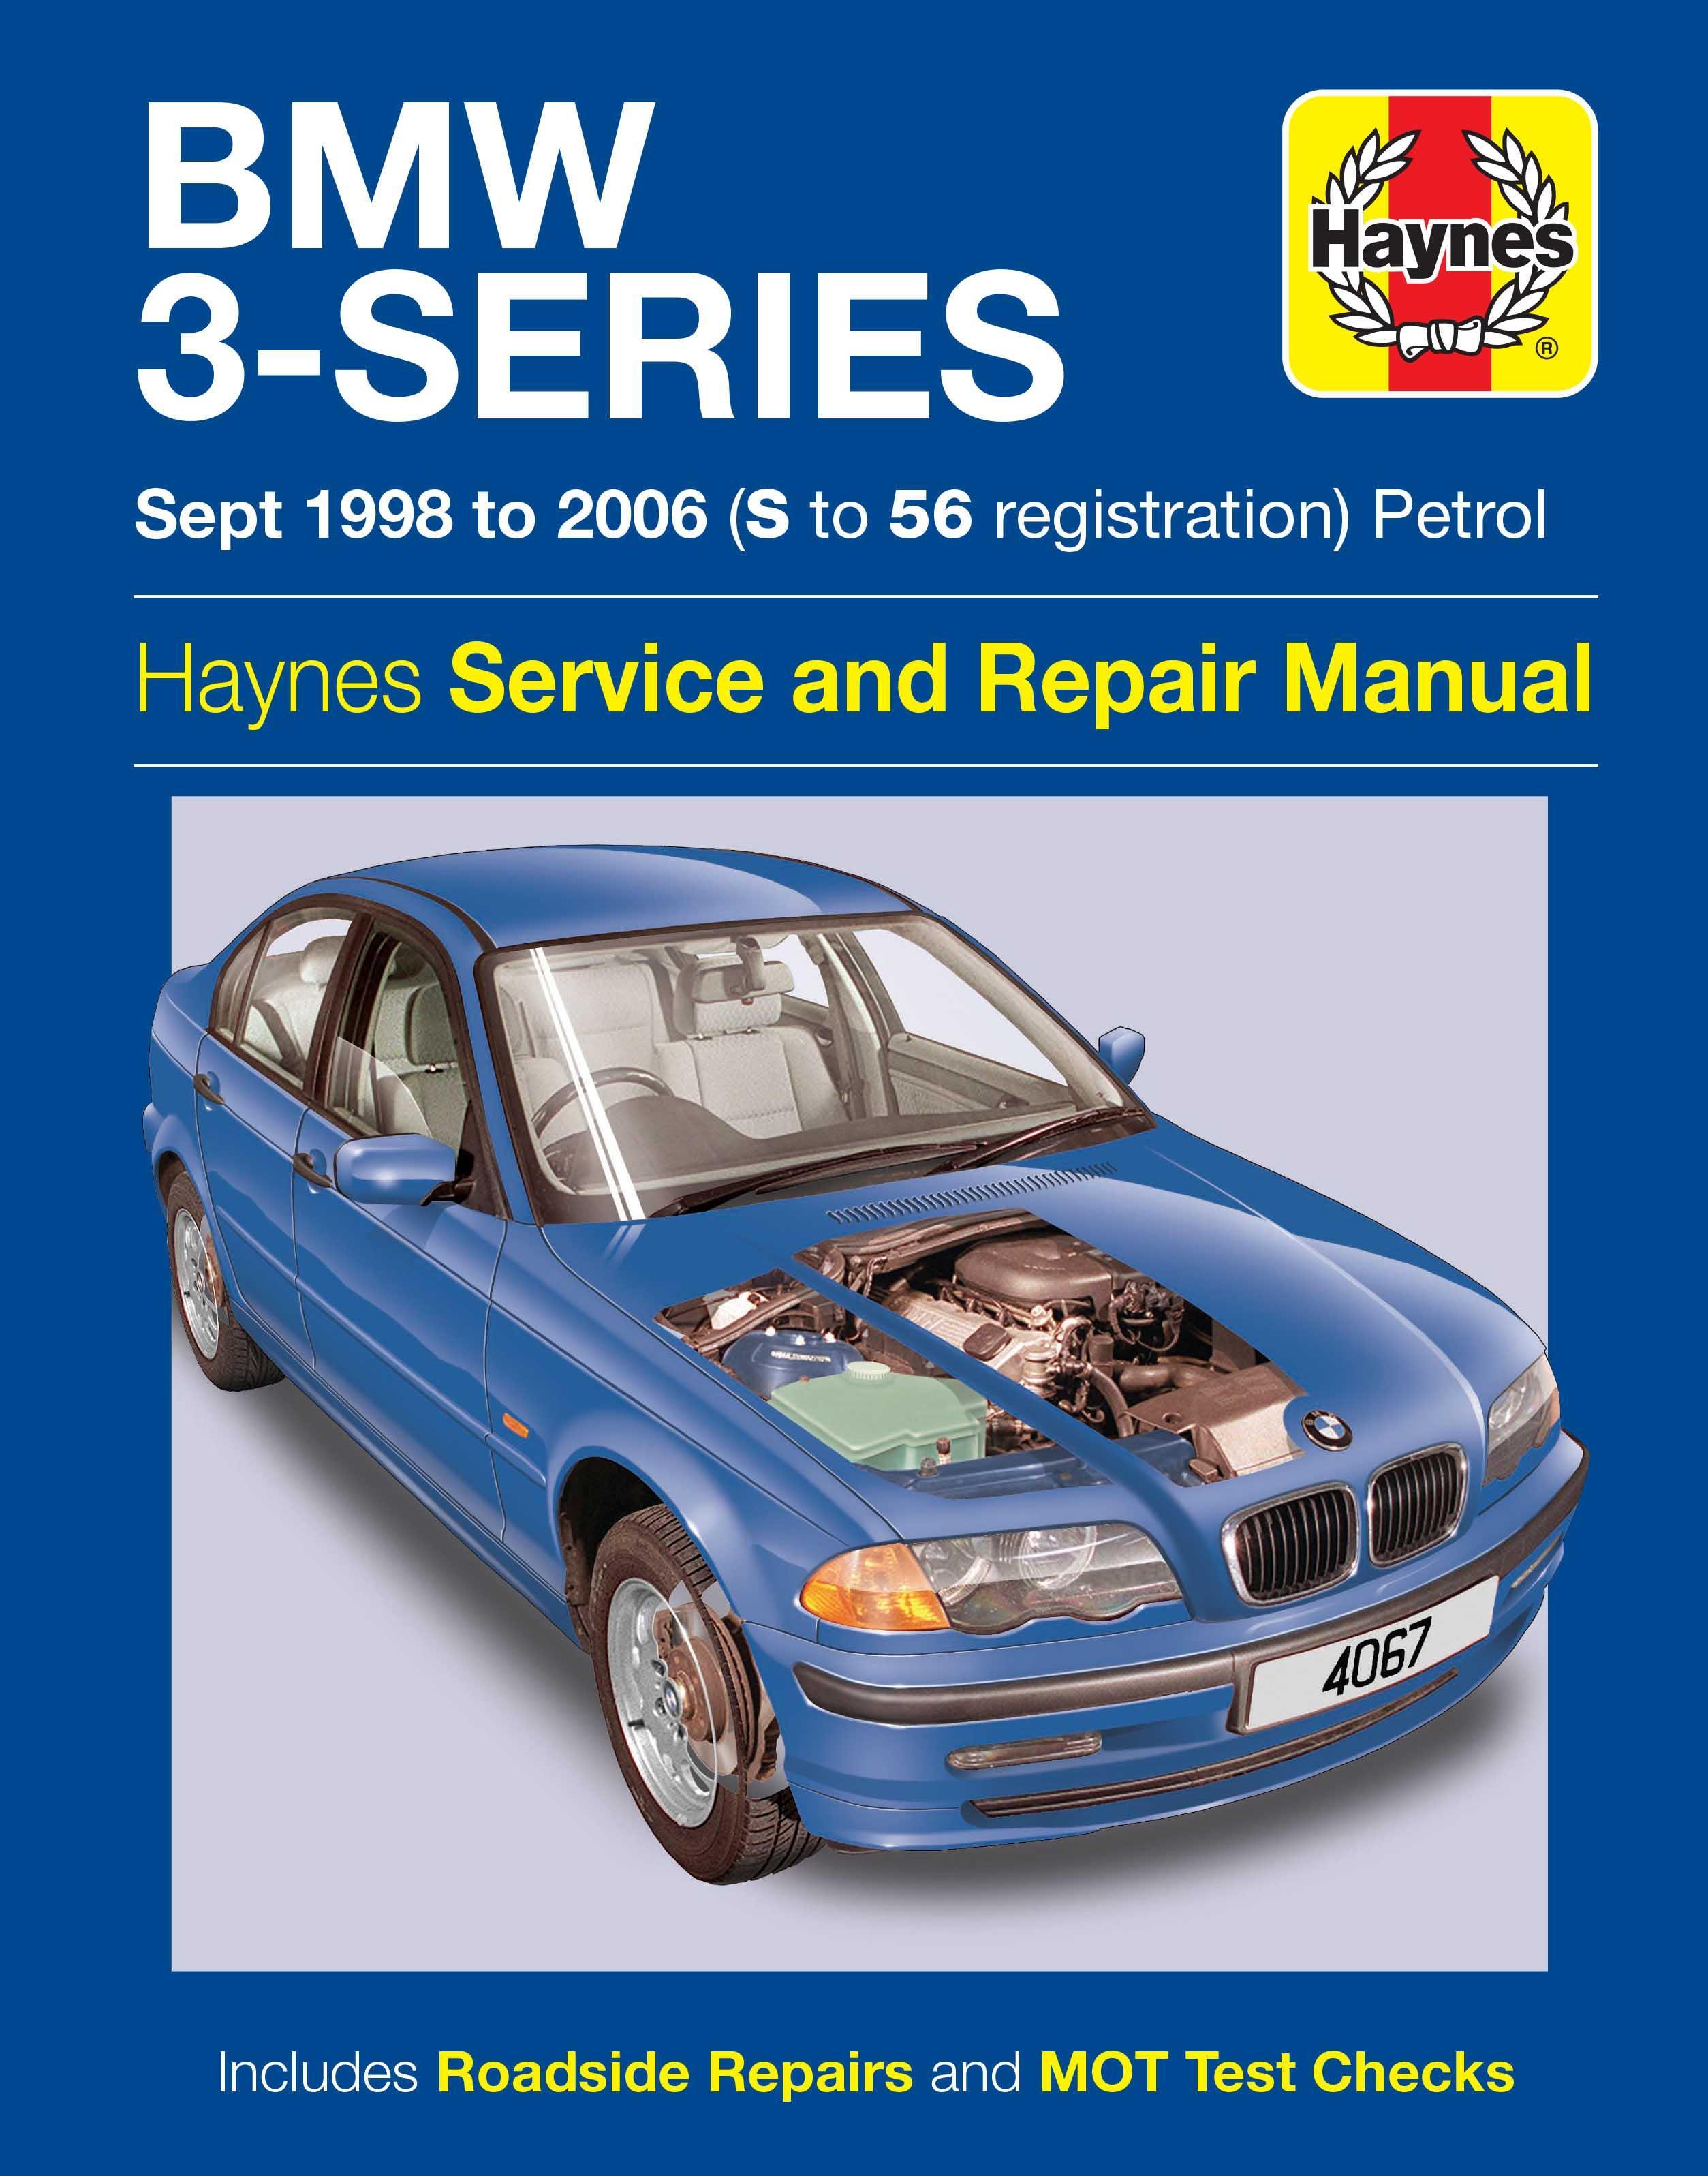 haynes bmw 3 series sept 96 03 ma rh halfords com Auto Repair Manuals Online Haynes Repair Manual 1987 Dodge Ram 100